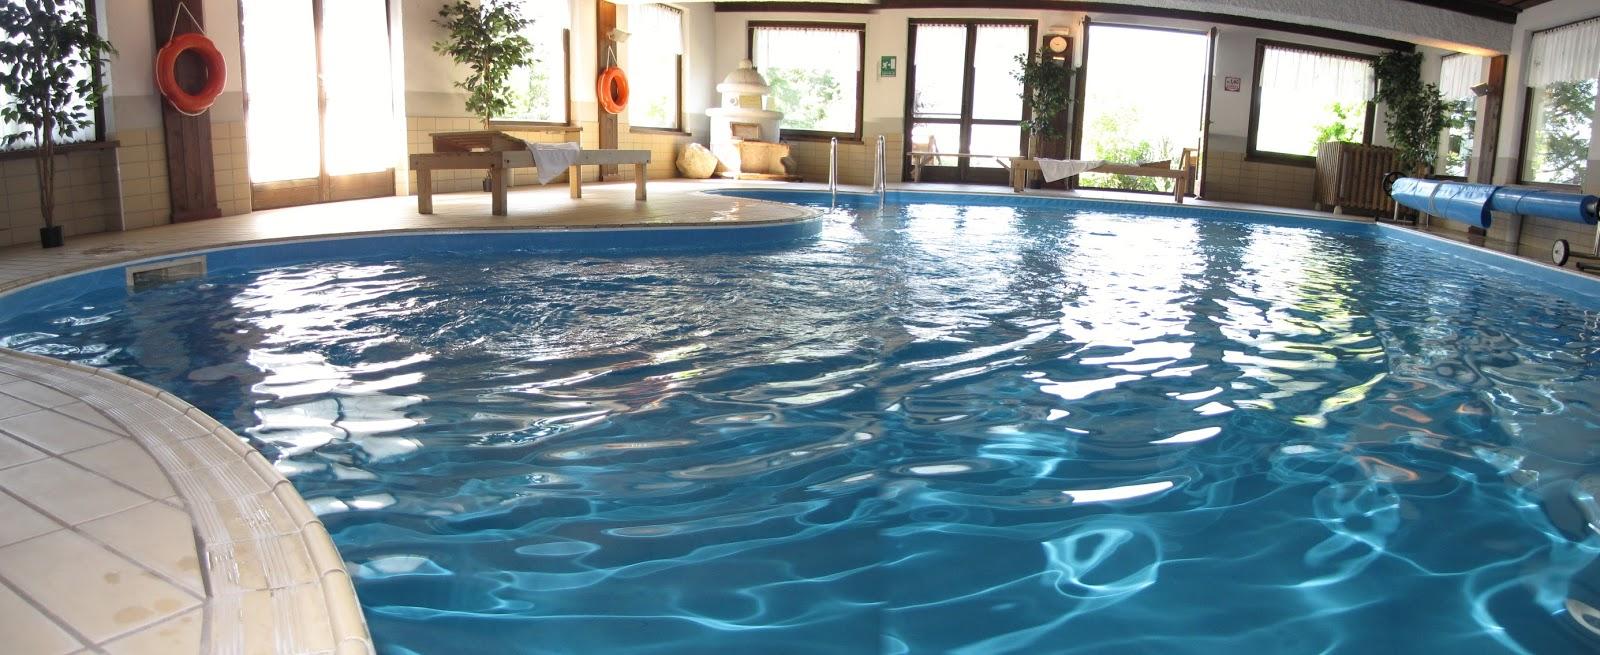 Dove dormire a folgaria in trentino - Hotel folgaria con piscina ...